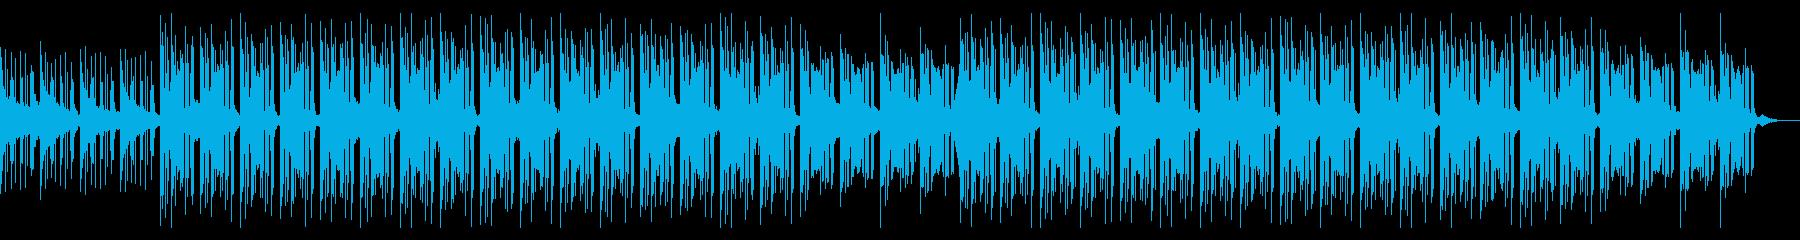 推理サスペンス シンプル ミステリー劇伴の再生済みの波形